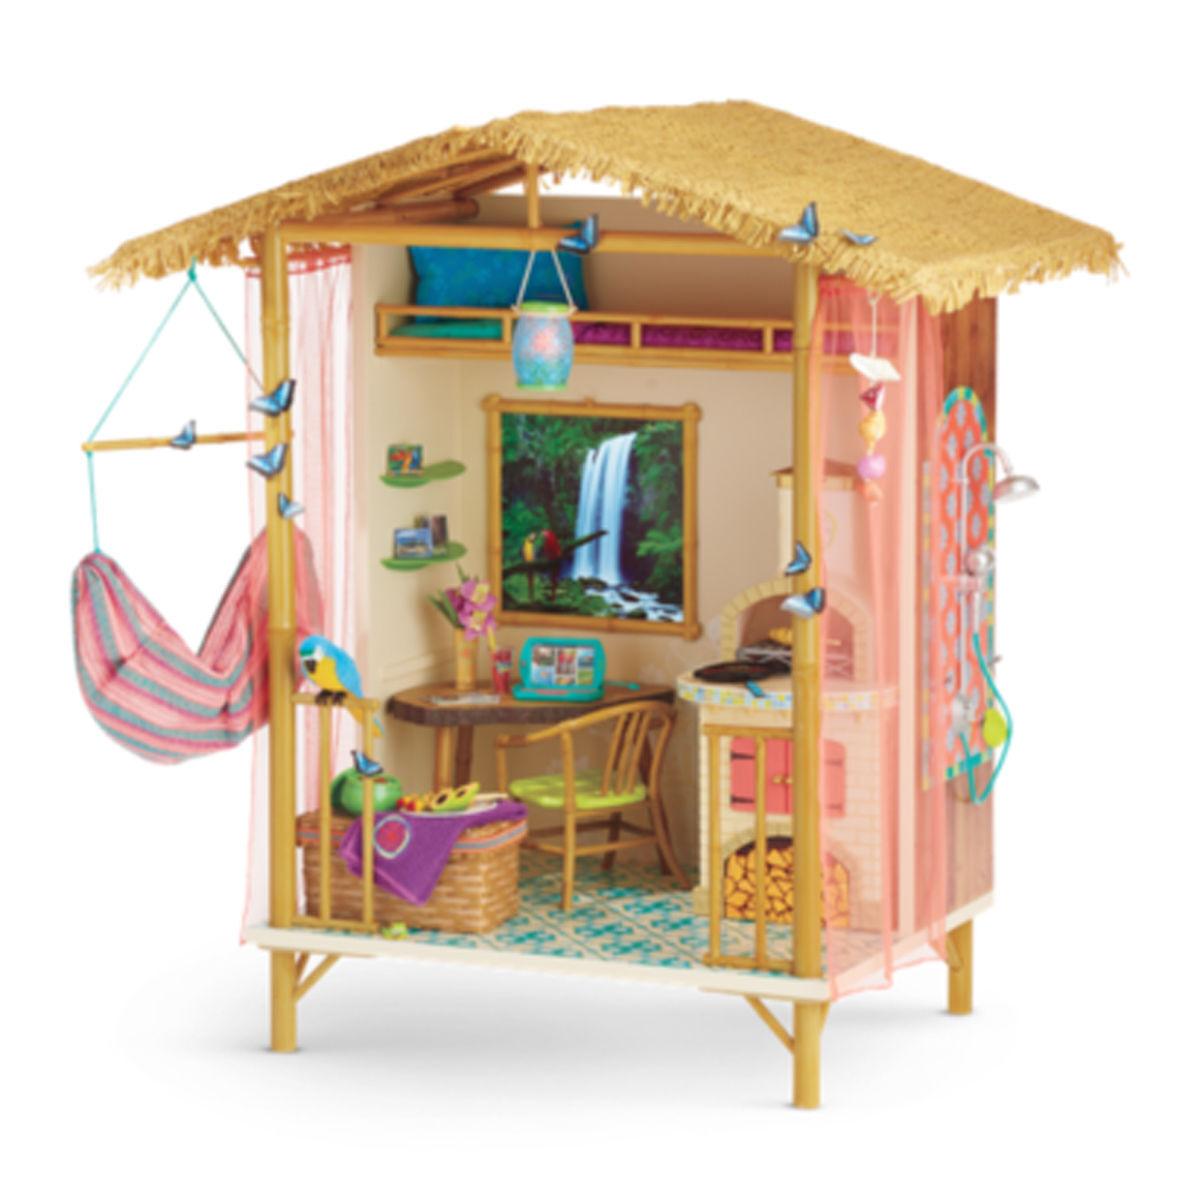 Neu in Lea Karton American Girl Lea in Puppe 2016 Lea's Regenwald House 30 Am Selben 049882